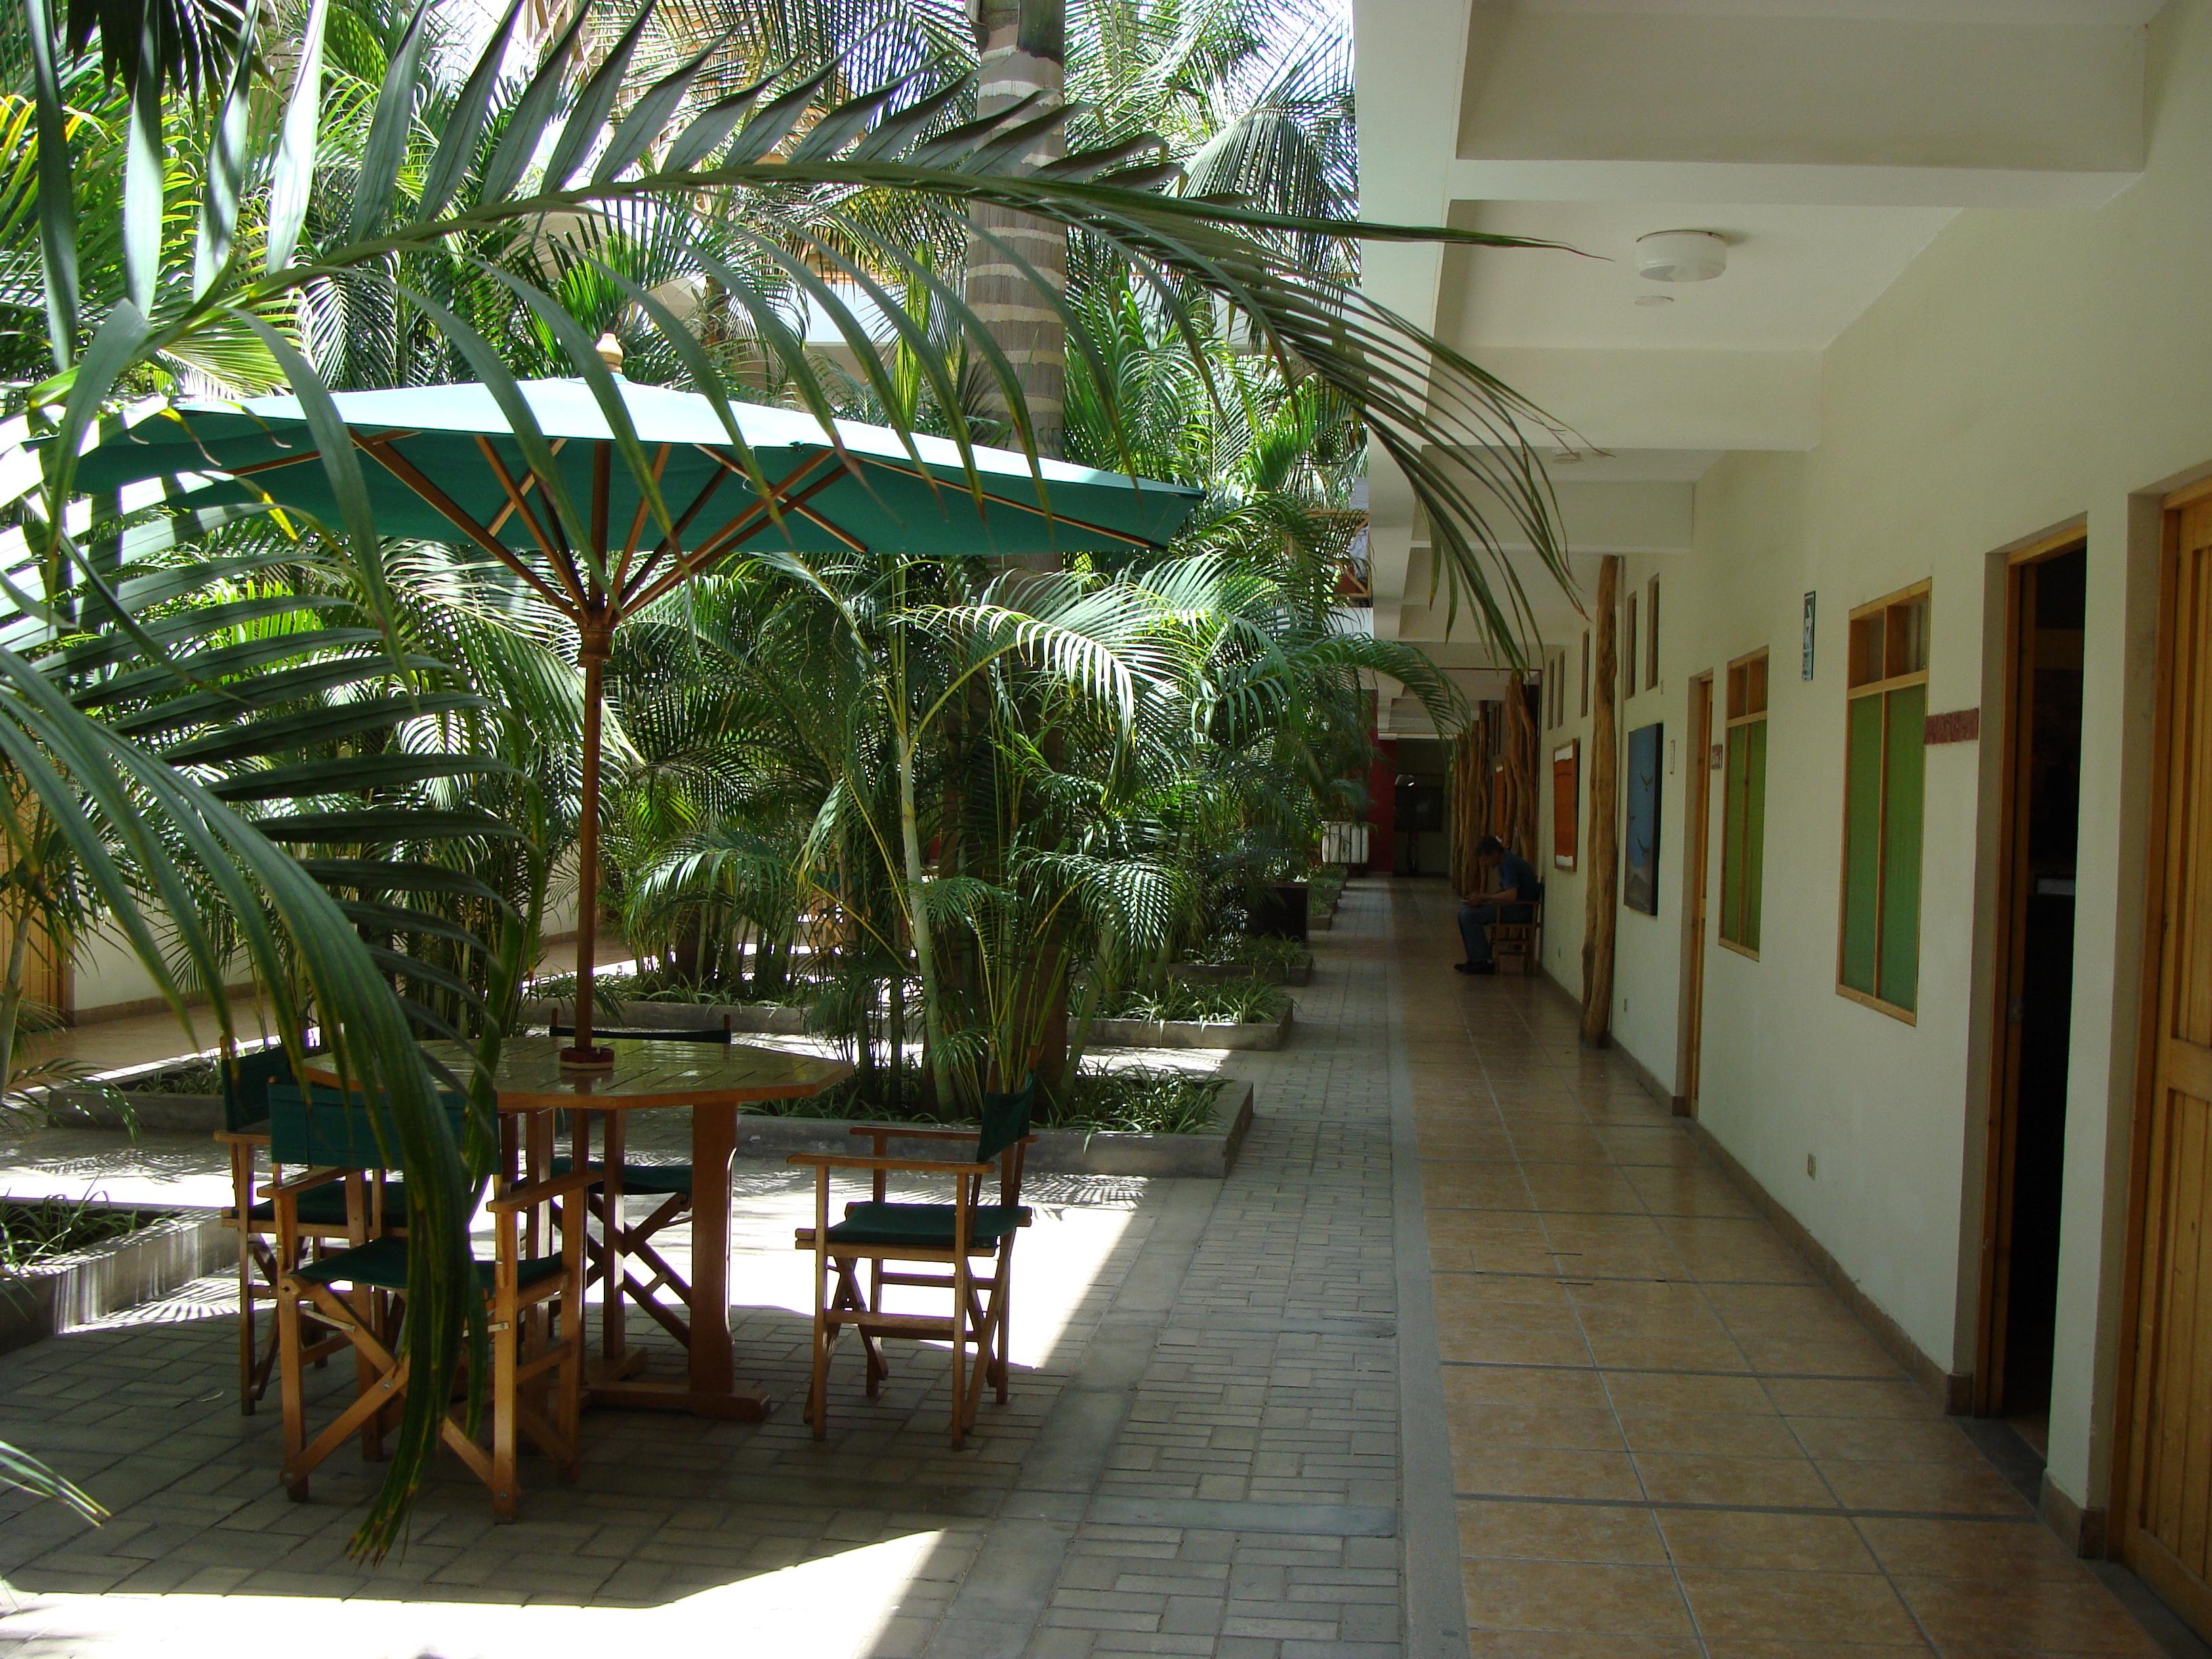 Nazca - hotel Casa Andina - celkový pohled 21. 2. 2011 11:52